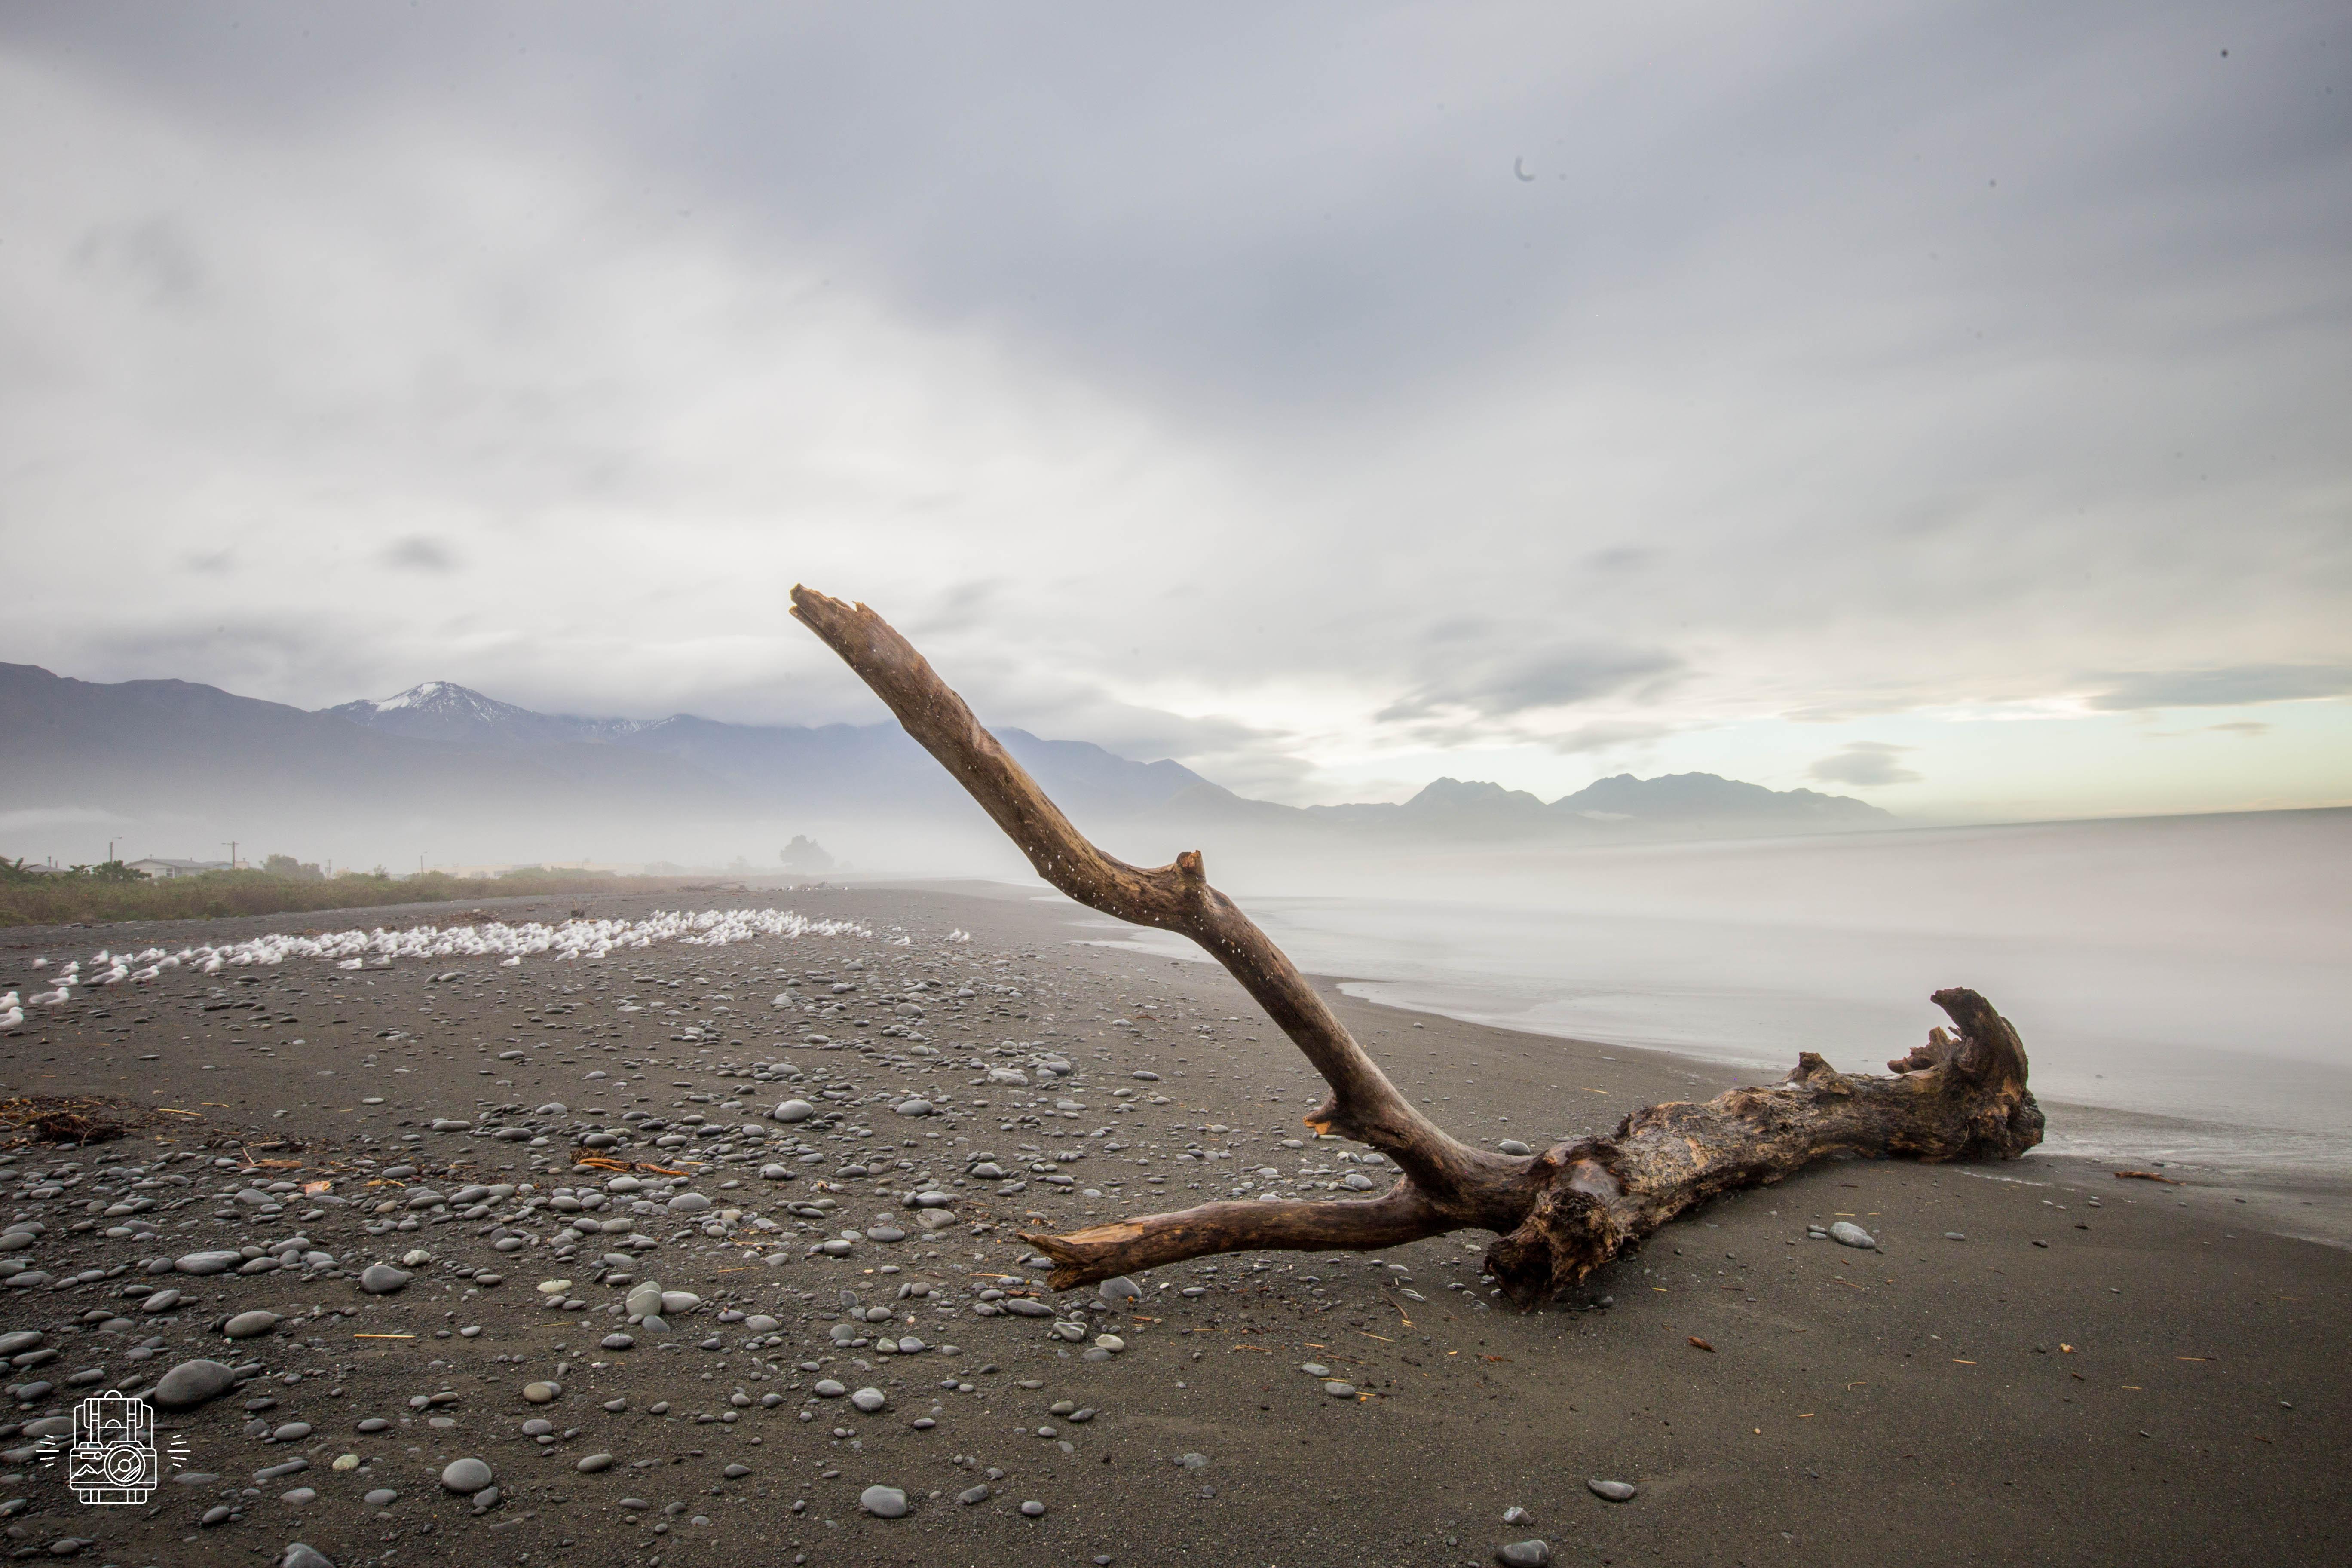 Nouvelle-Zélande/Kalkoura